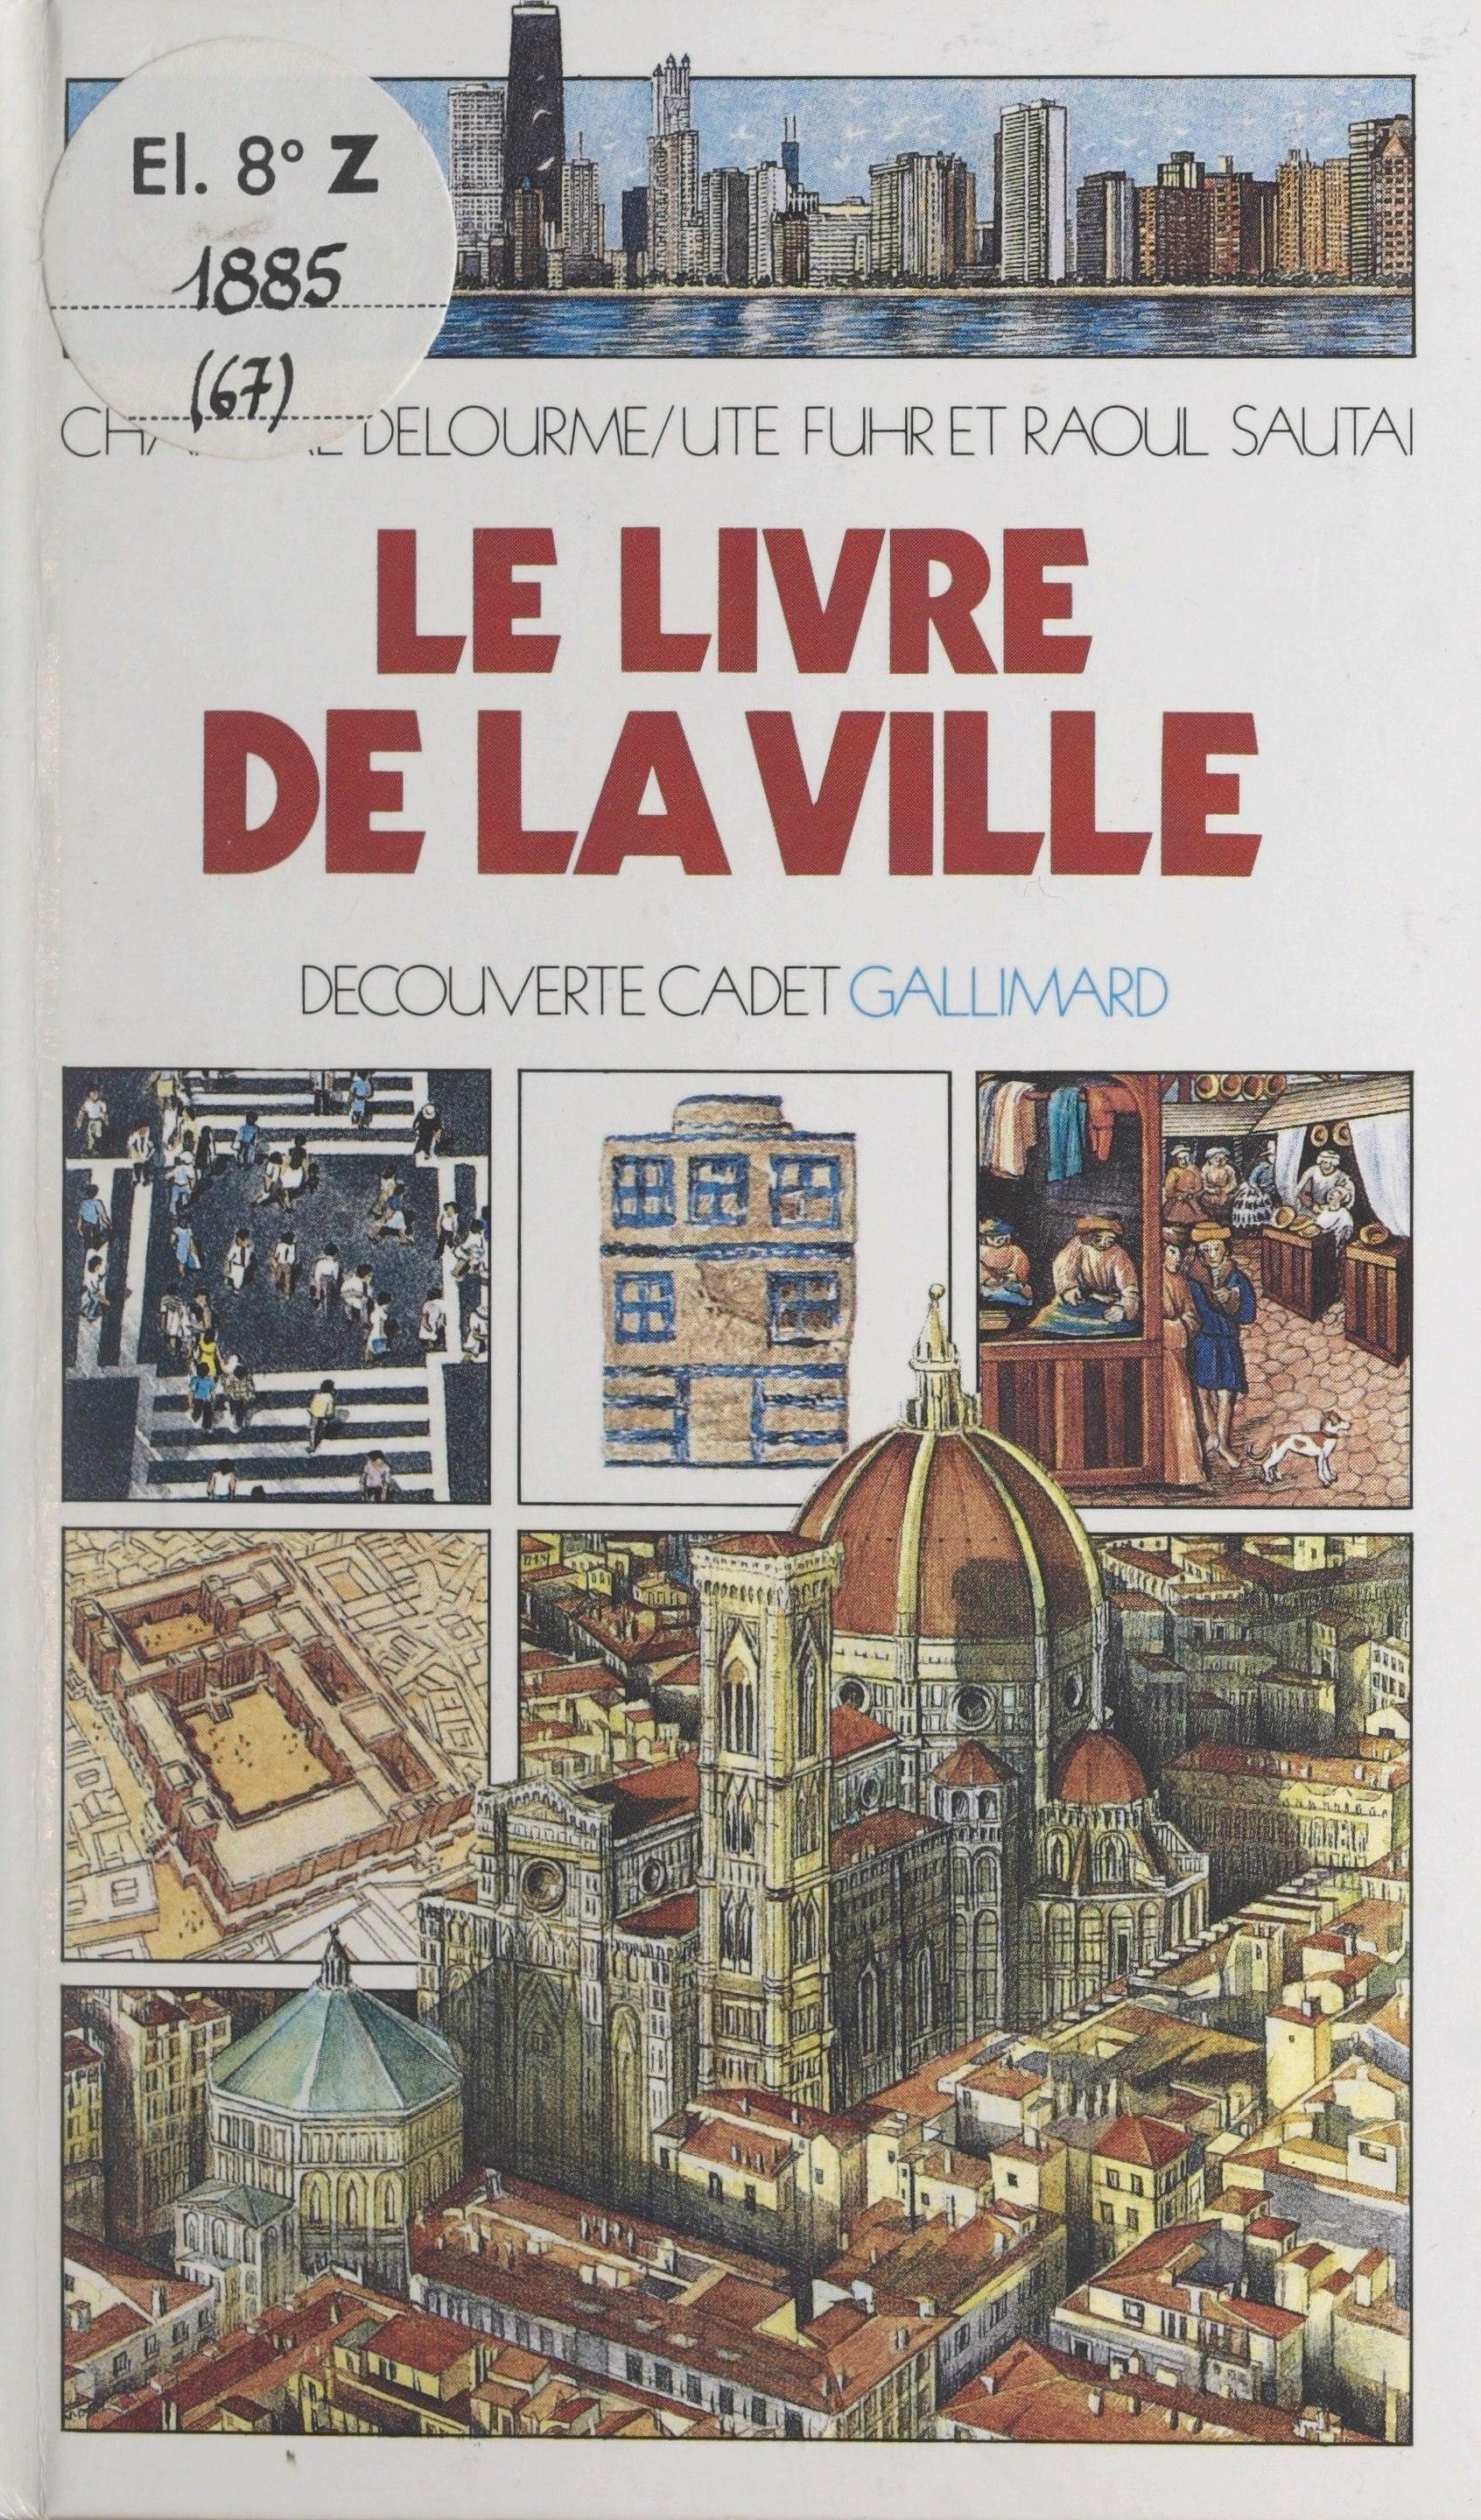 Le livre de la ville